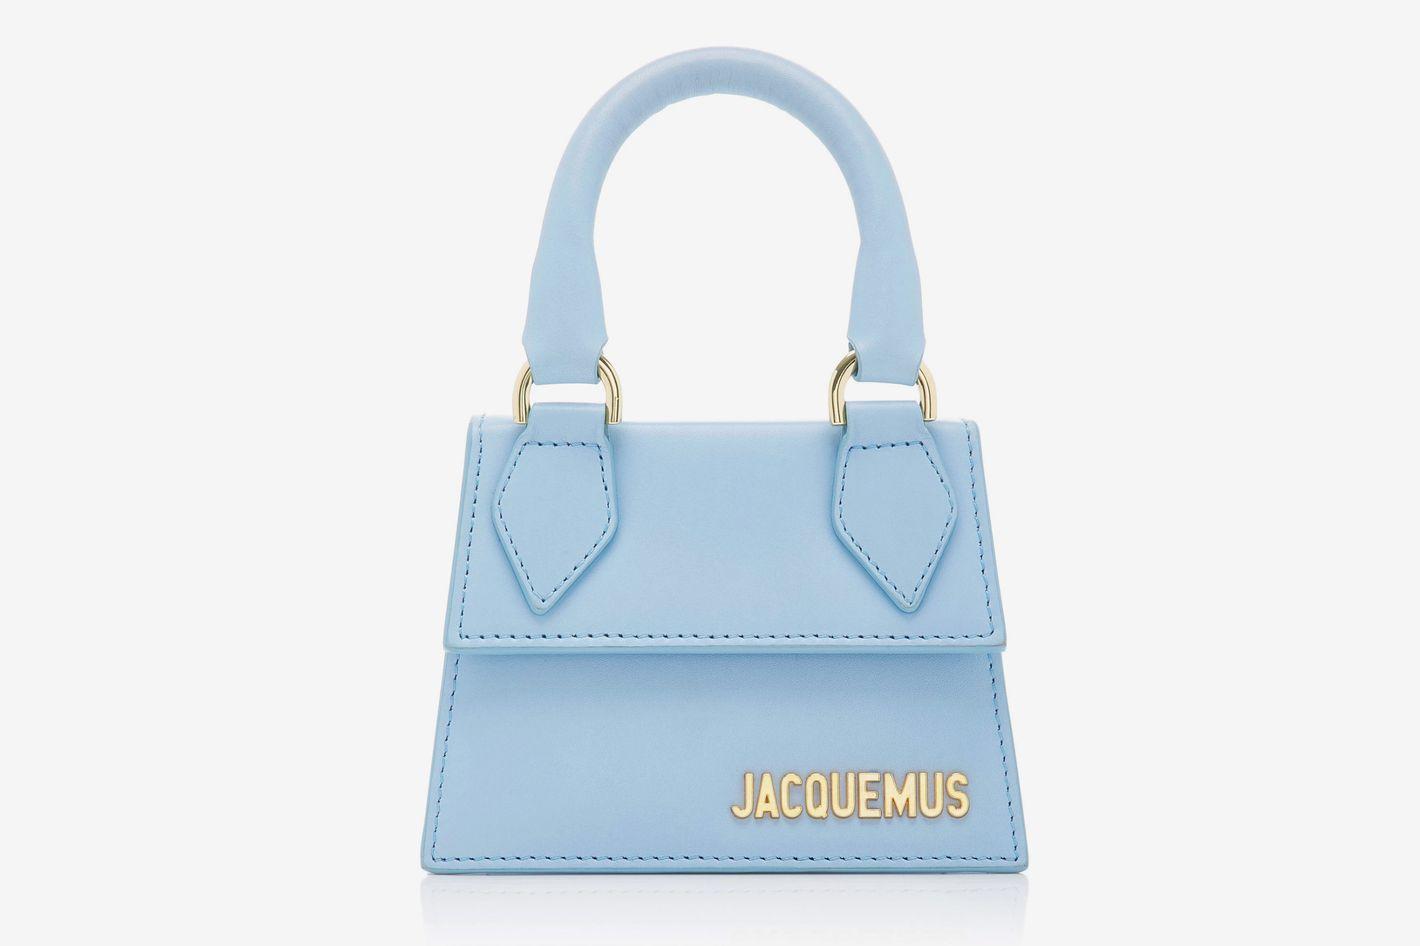 Jacquemus Le Chiquita Leather Micro Bag